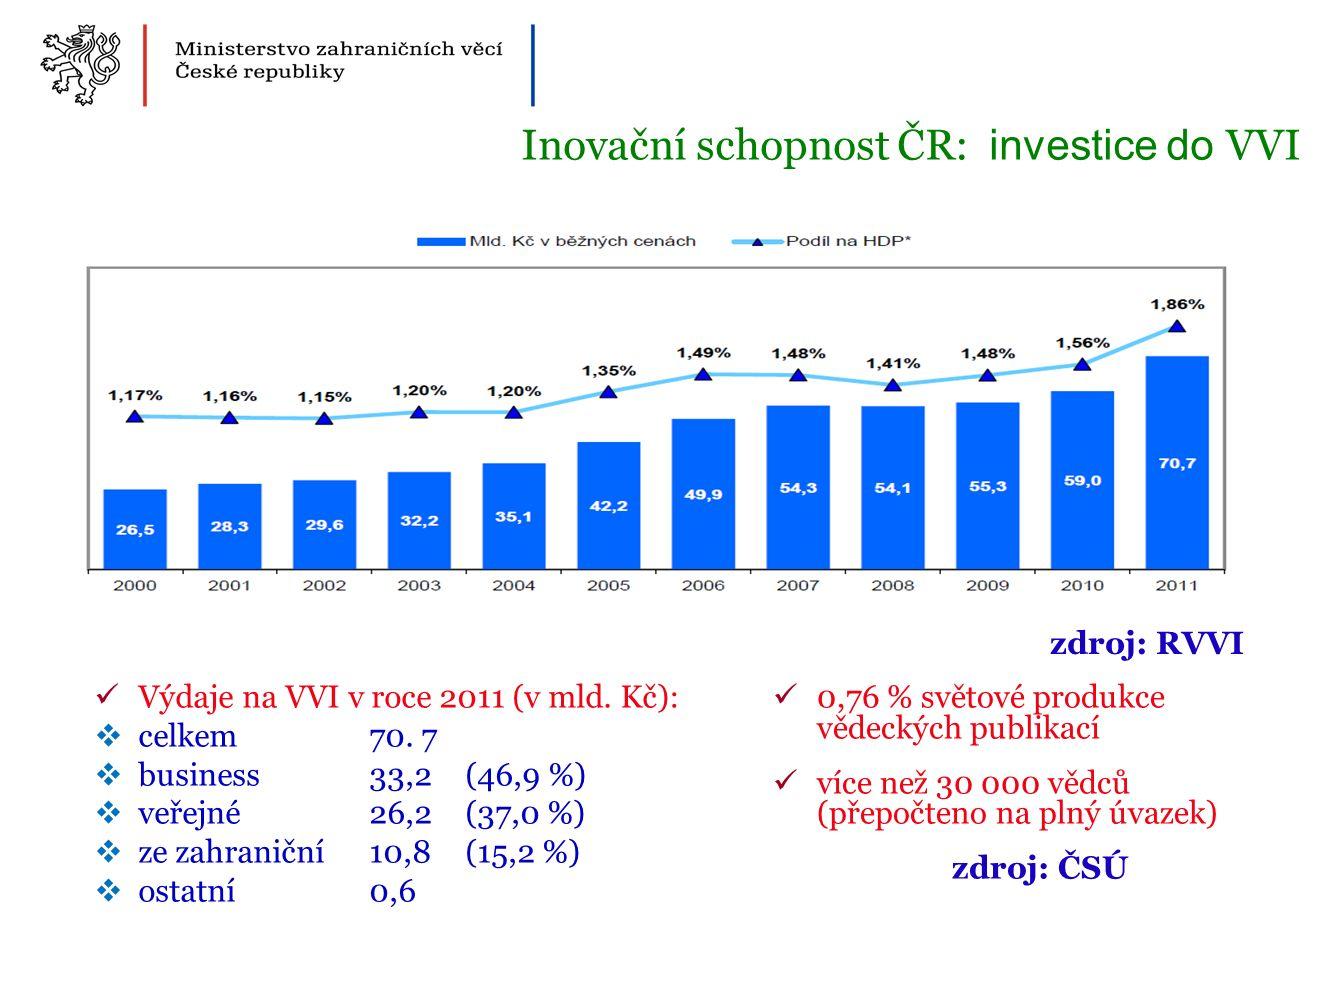 Výdaje na VVI v roce 2011 (v mld. Kč):  celkem 70.